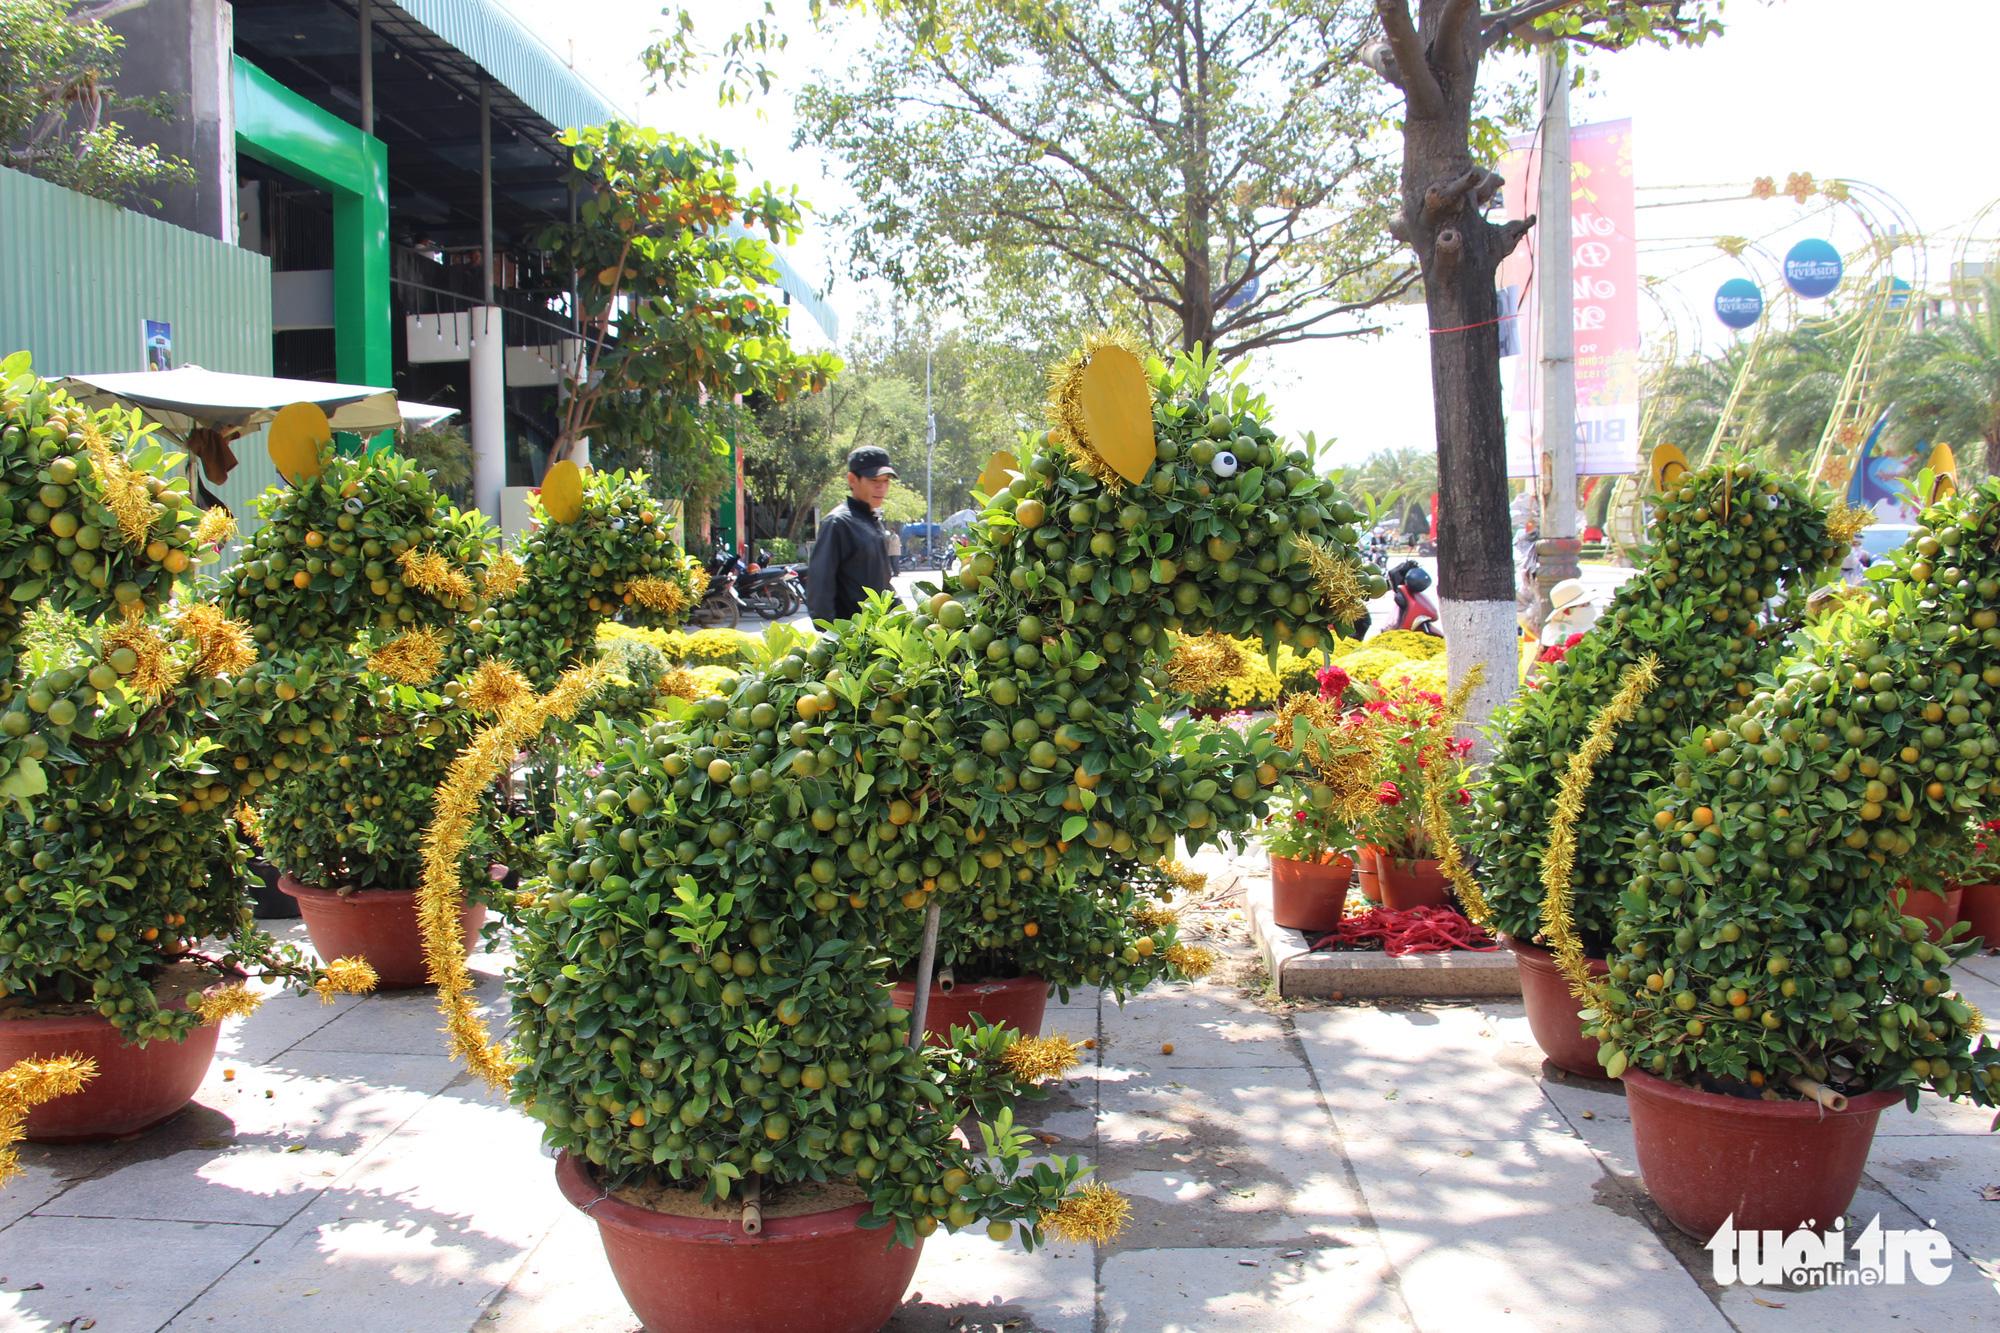 Rat-shaped kumquat bonsai trees a Tet decor trend in southern Vietnam